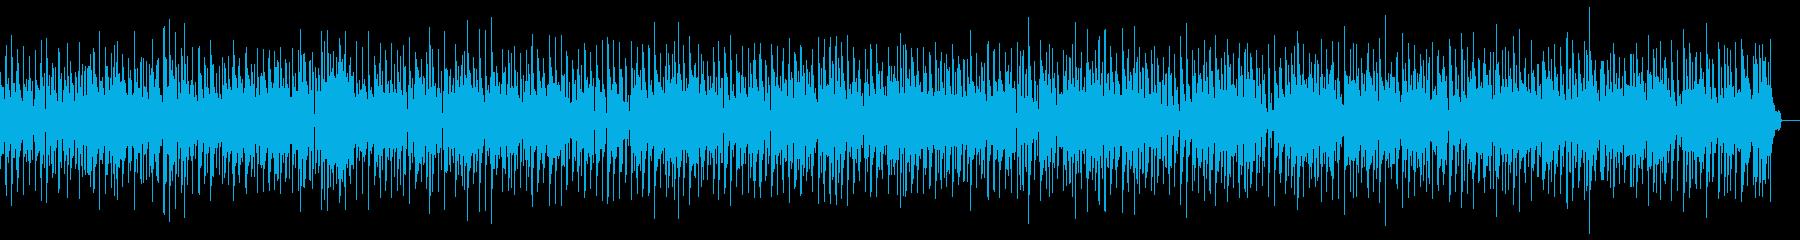 静かなジャズバラードの再生済みの波形